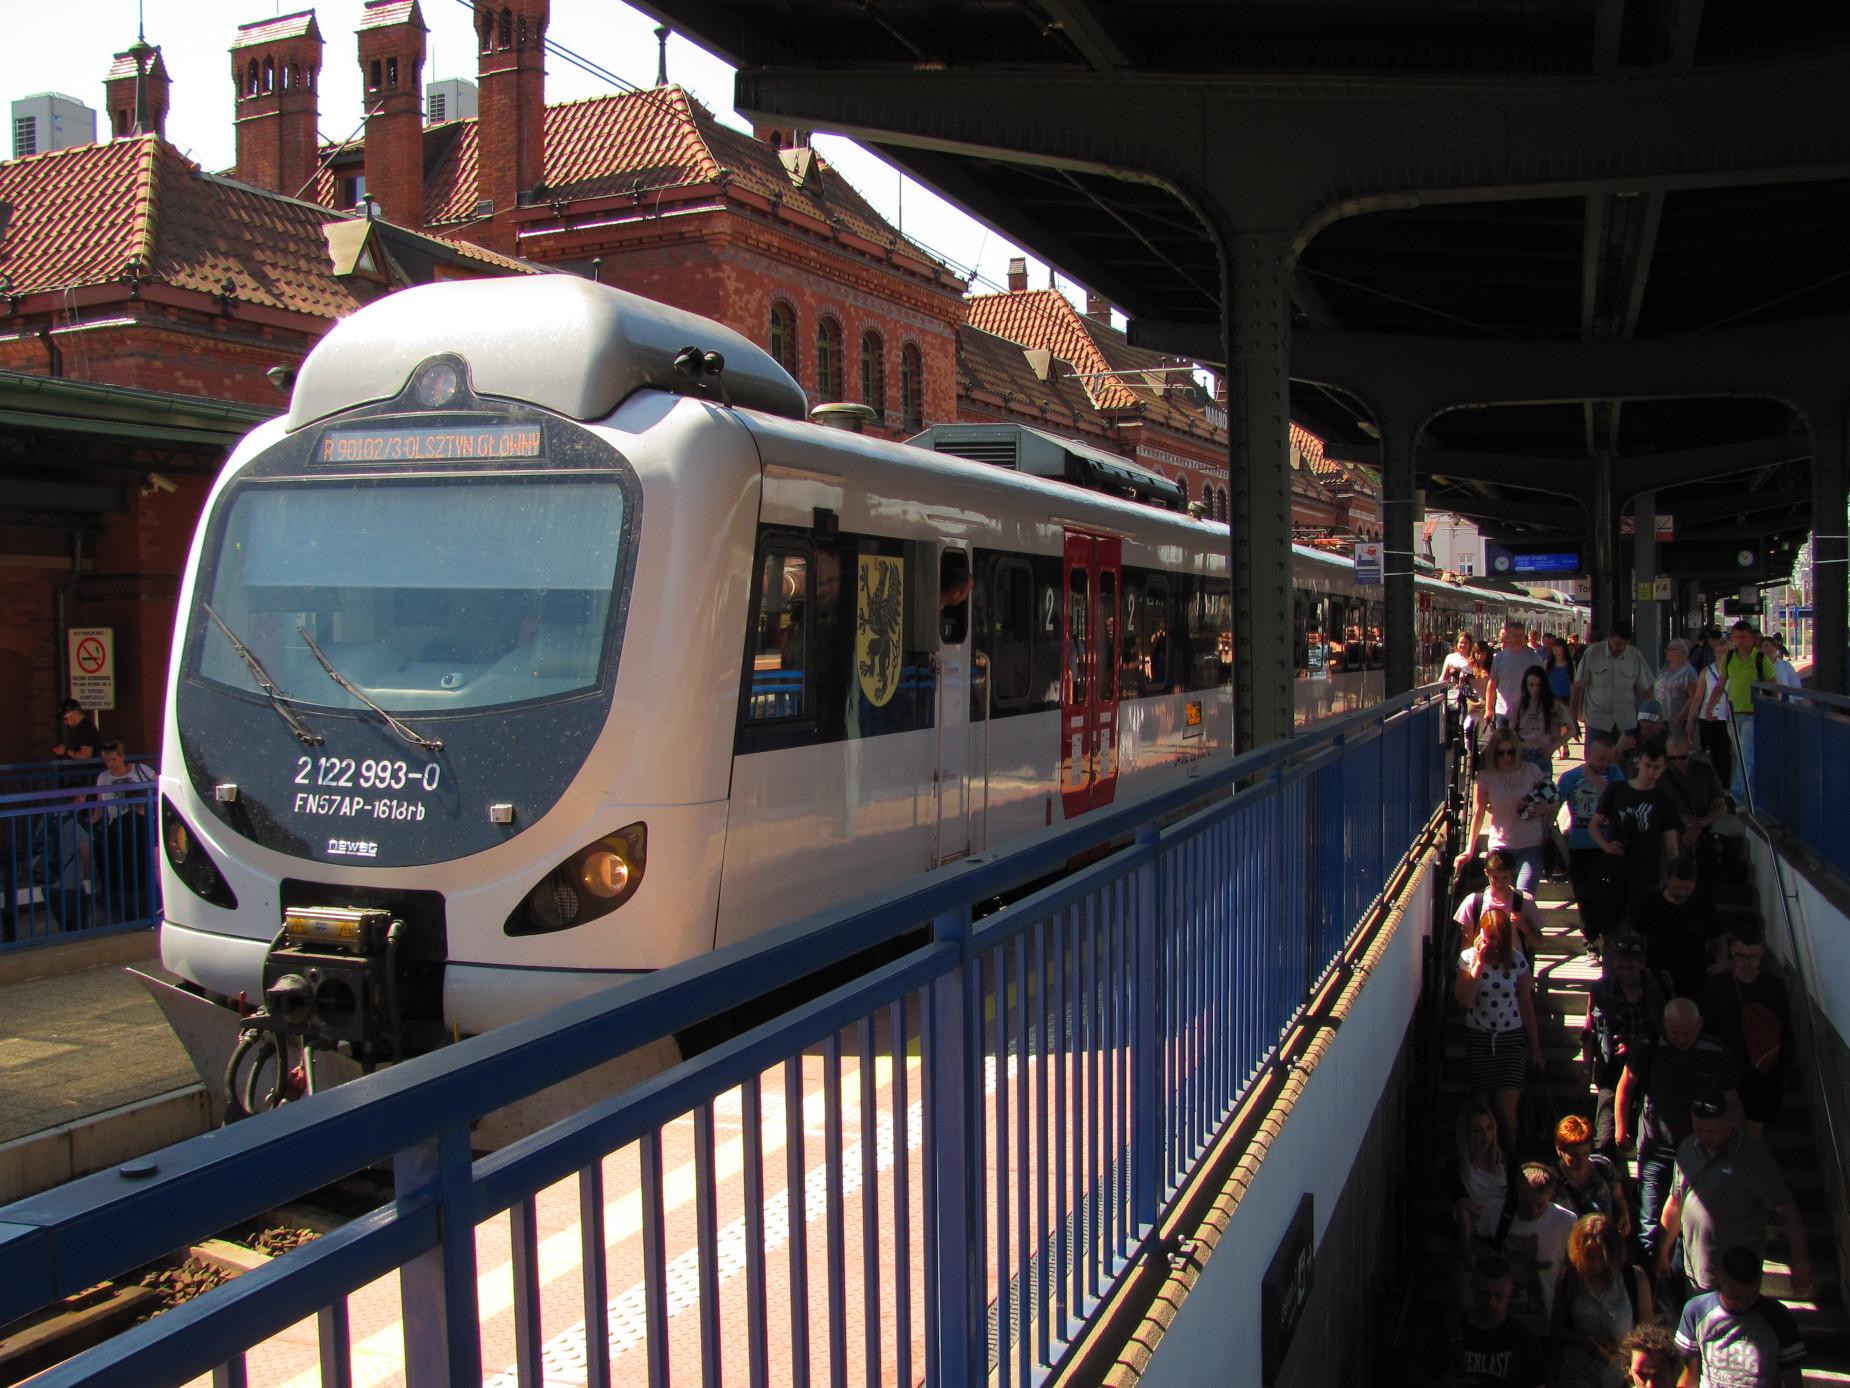 Nowy rozkład jazdy pociągów już od 9 grudnia. Co zmieni się na pomorskich torach?